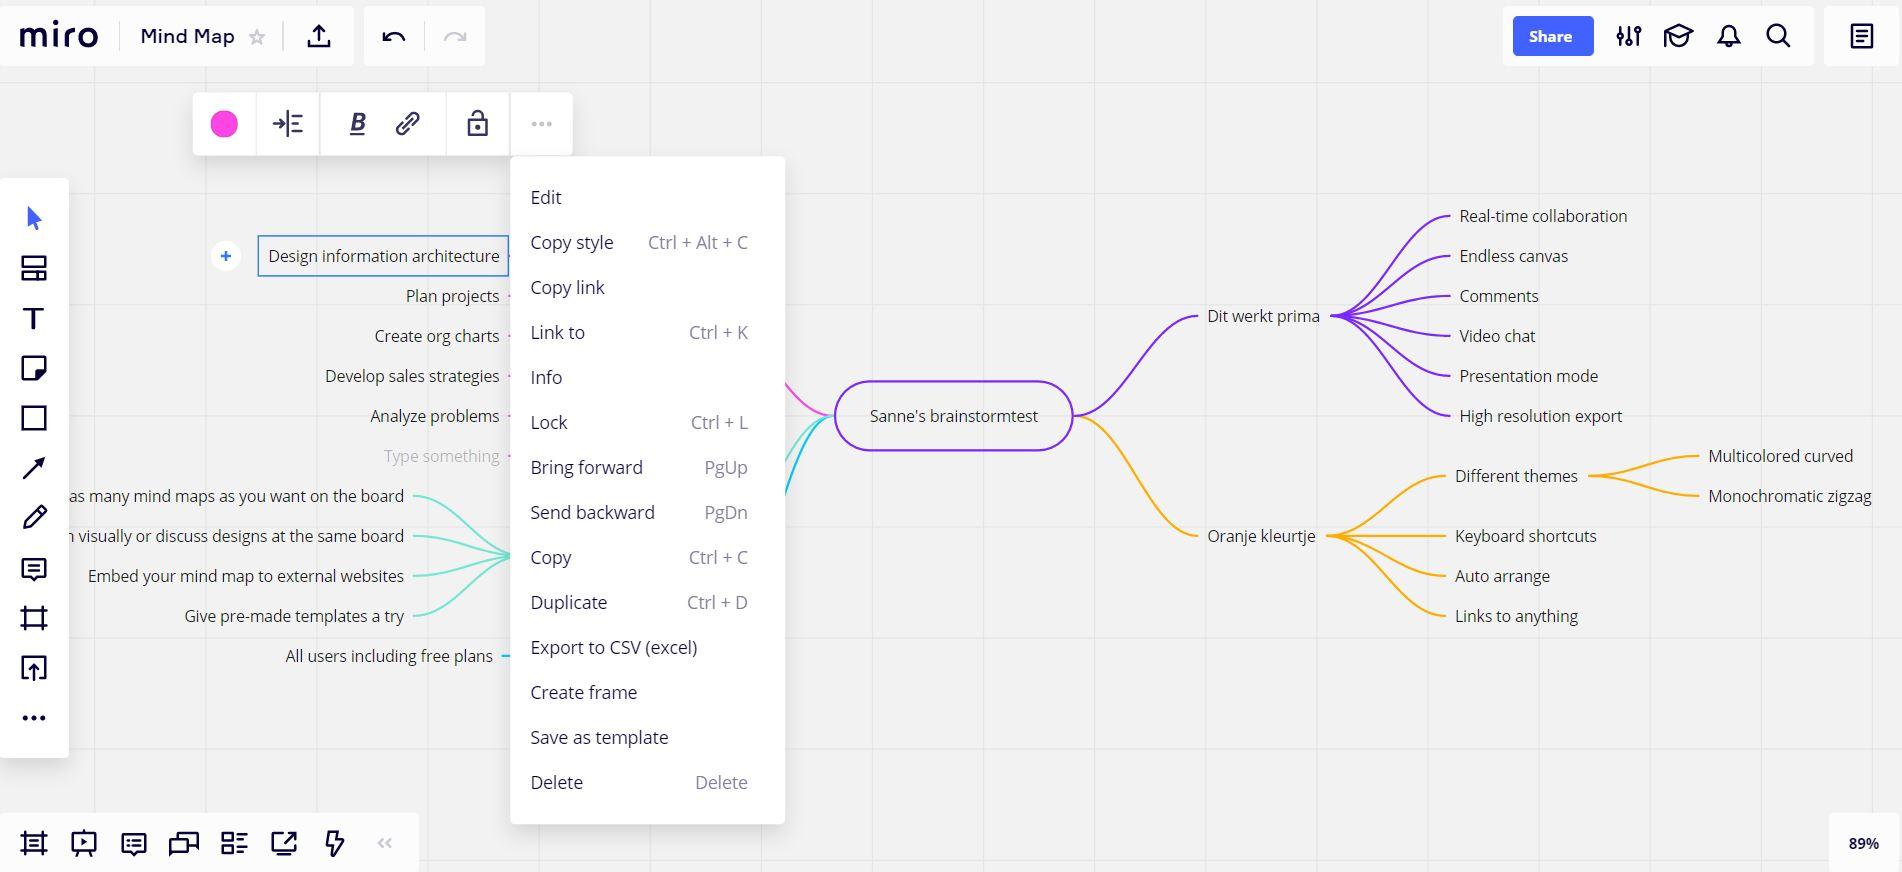 10 gratis whiteboard-tools voor online vergaderen & brainstormen -  Frankwatching